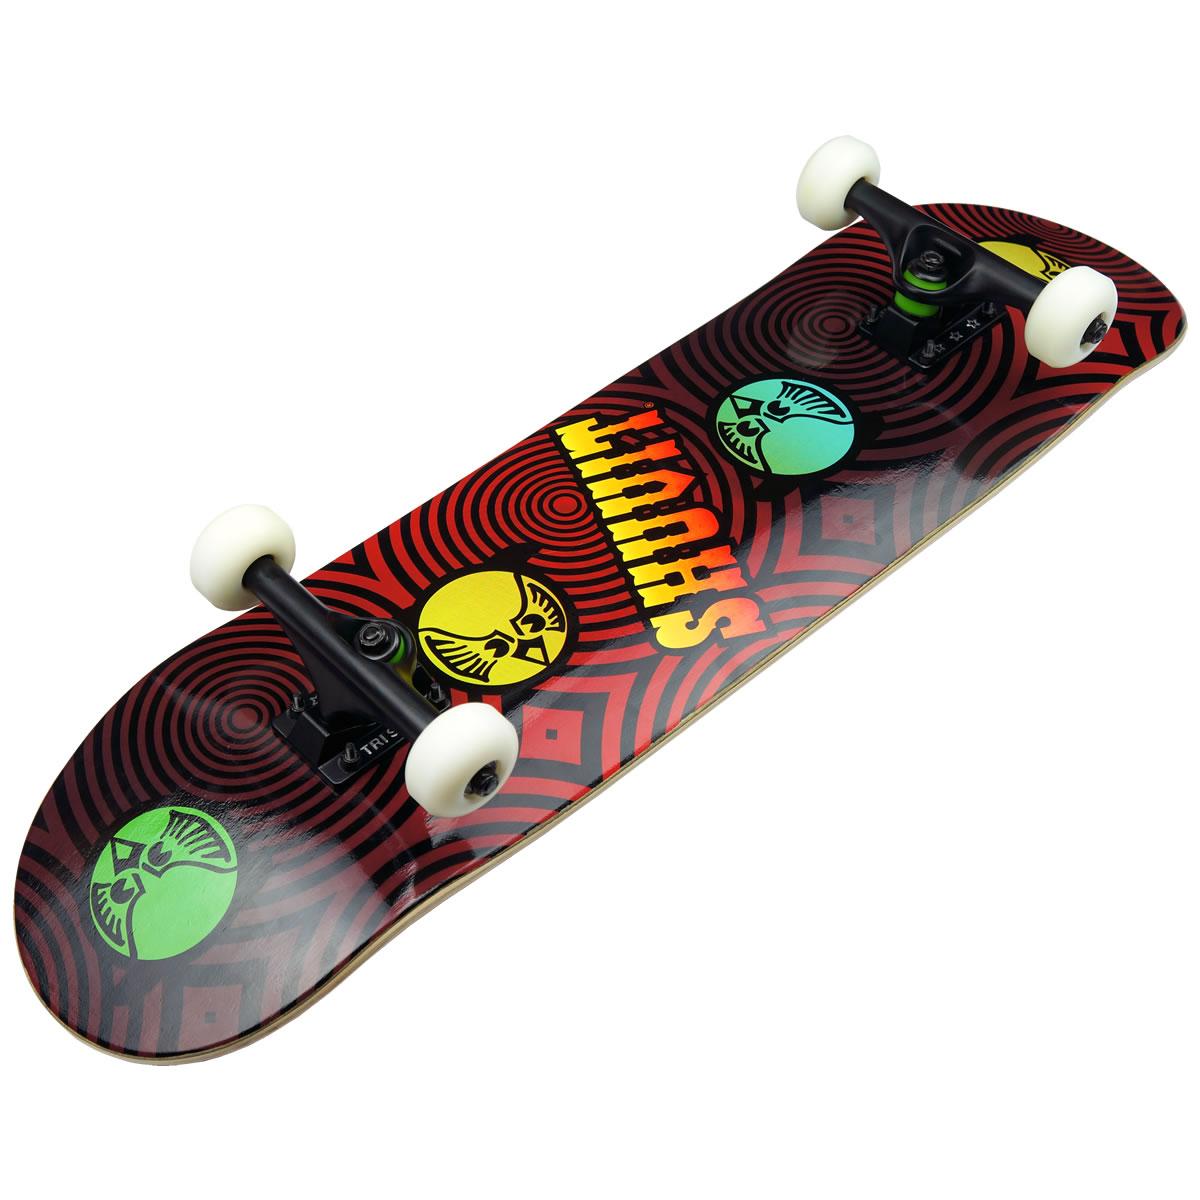 Shuvit-Skateboard-2-Bottom-Angle.jpg